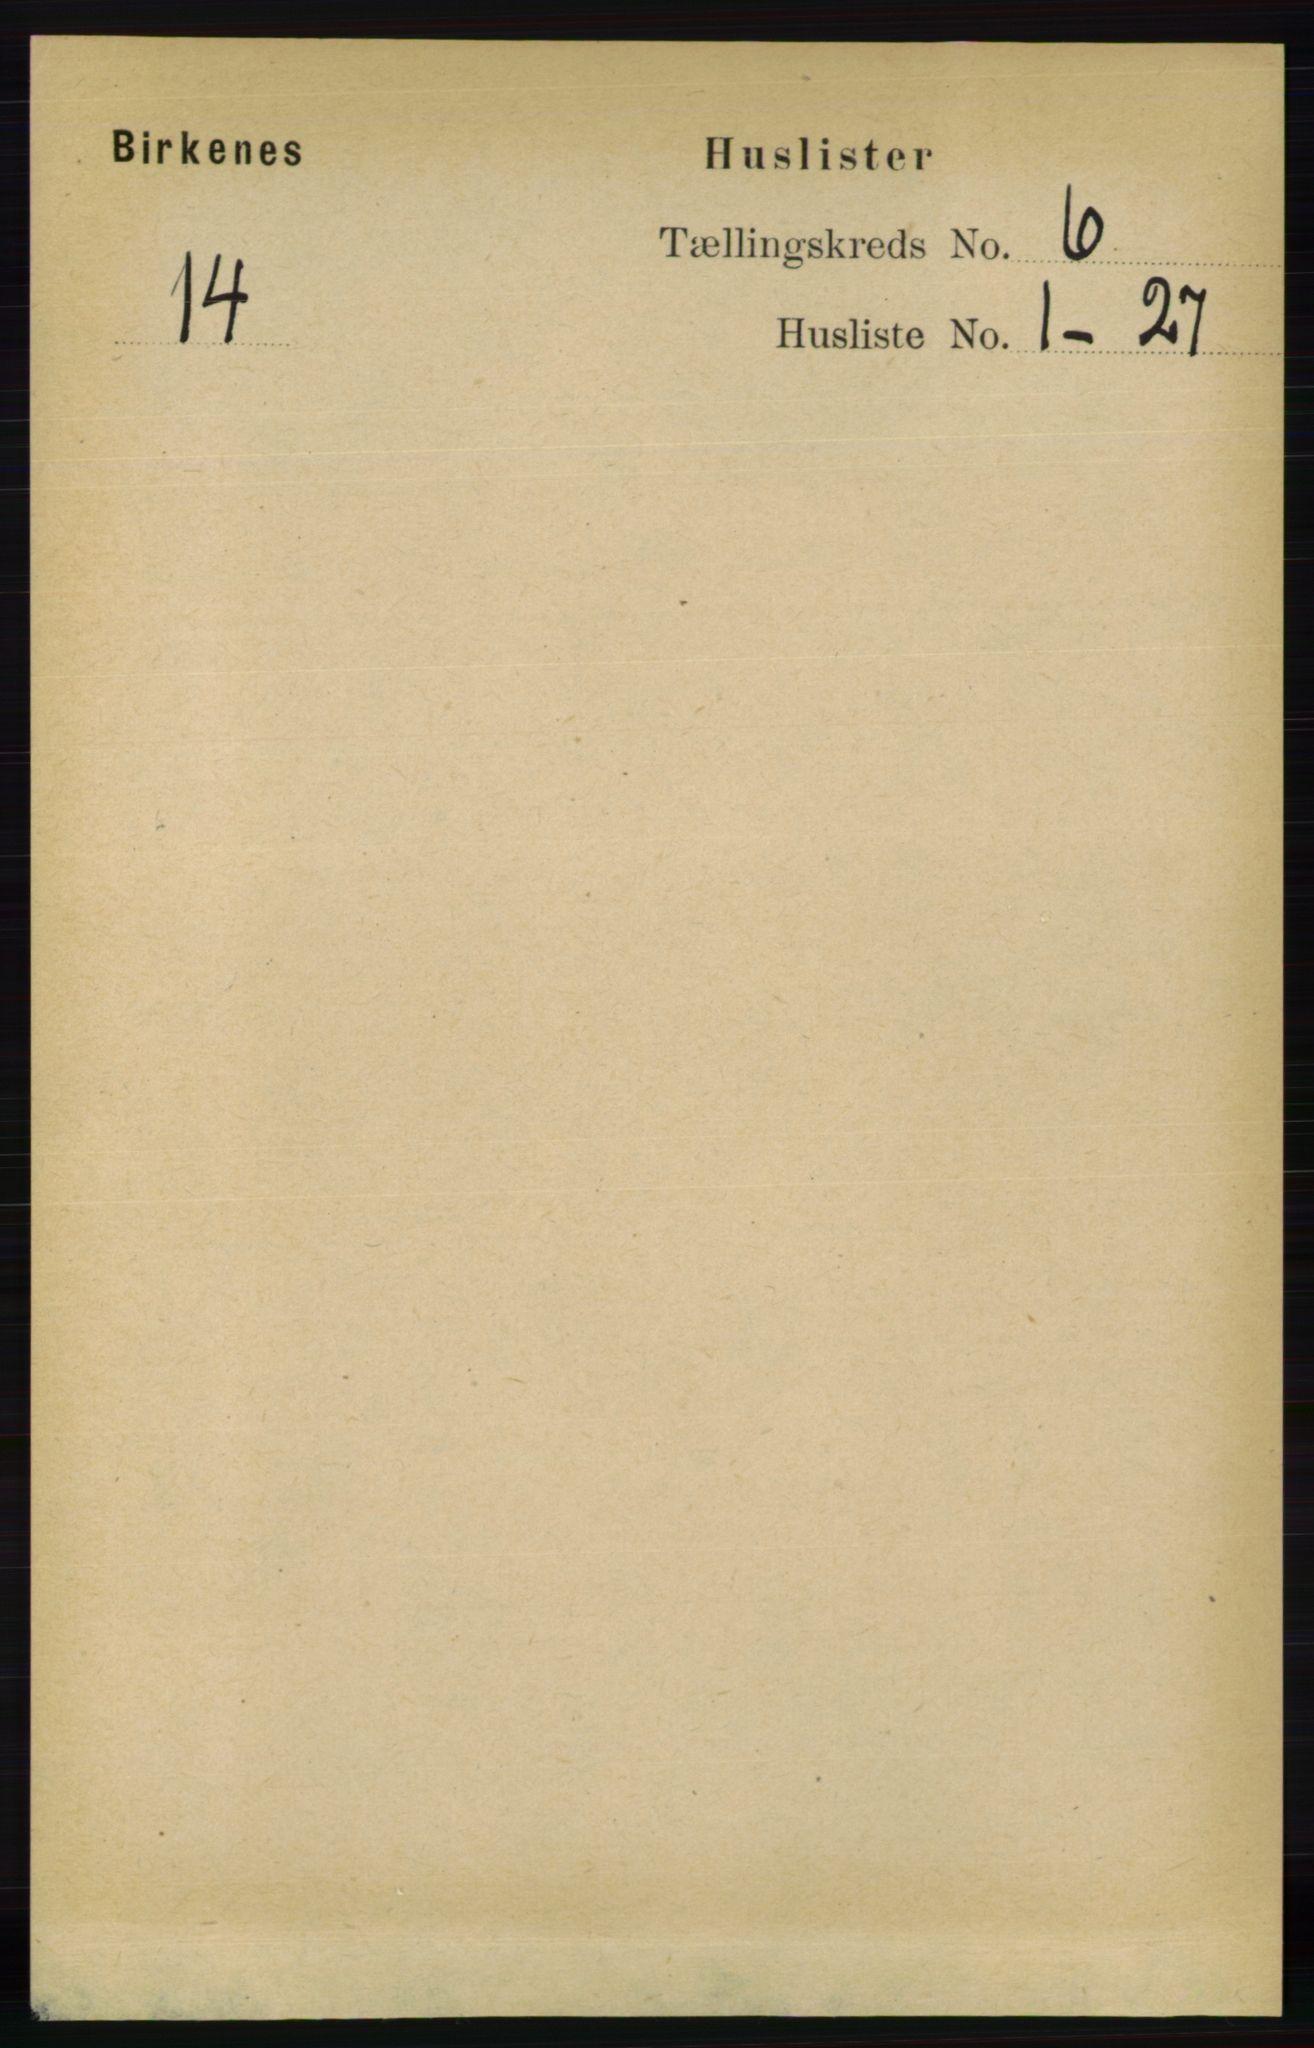 RA, Folketelling 1891 for 0928 Birkenes herred, 1891, s. 1764